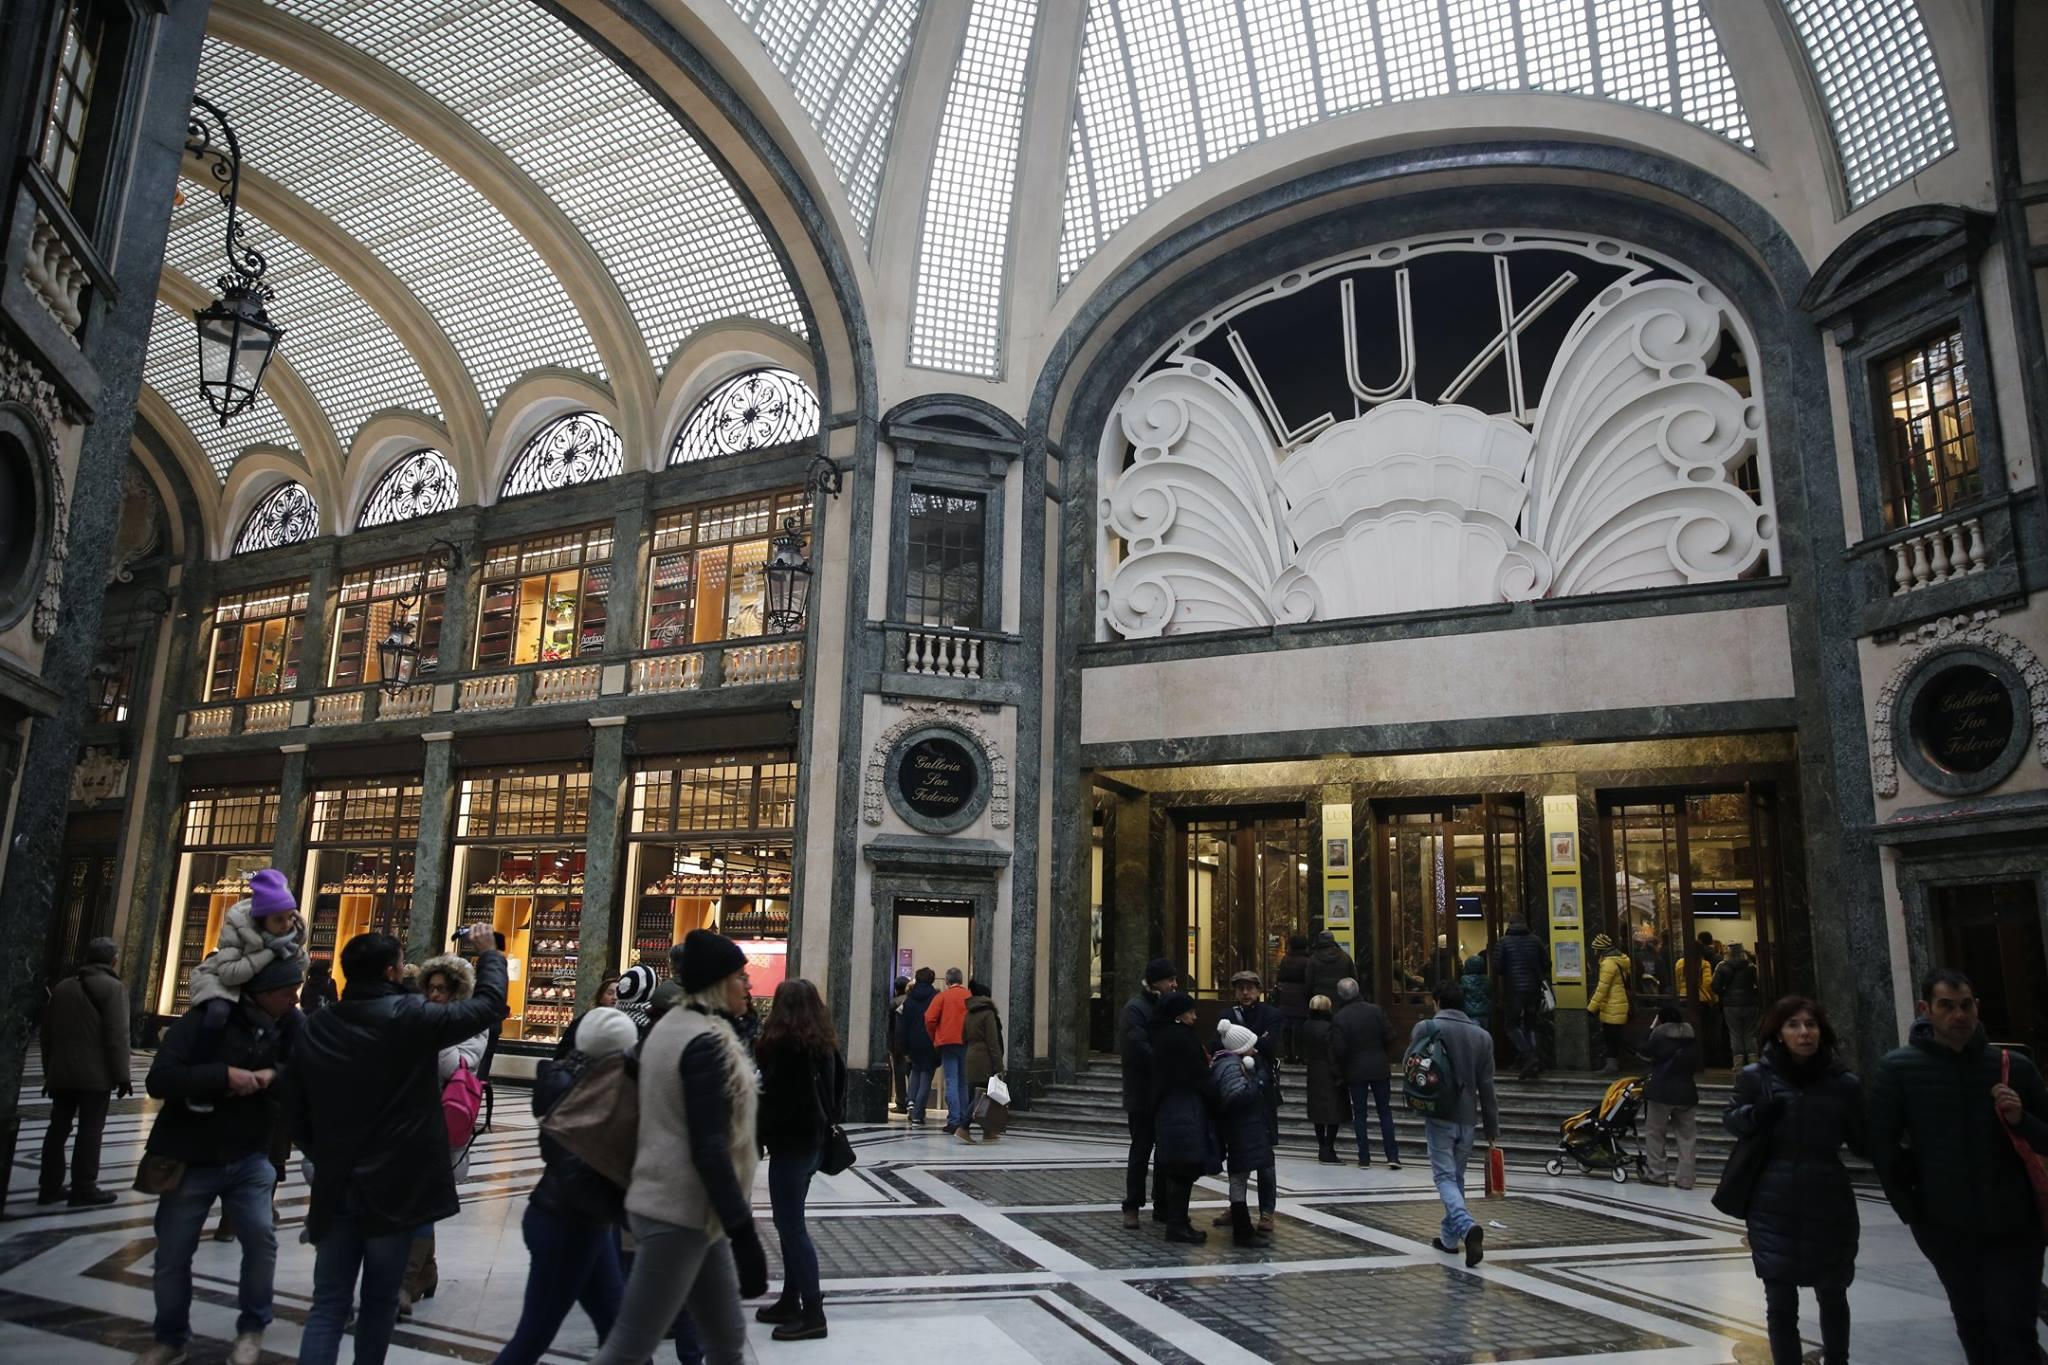 La Credenza Torino Galleria San Federico : Fiorfood si rinnova la galleria san federico mole